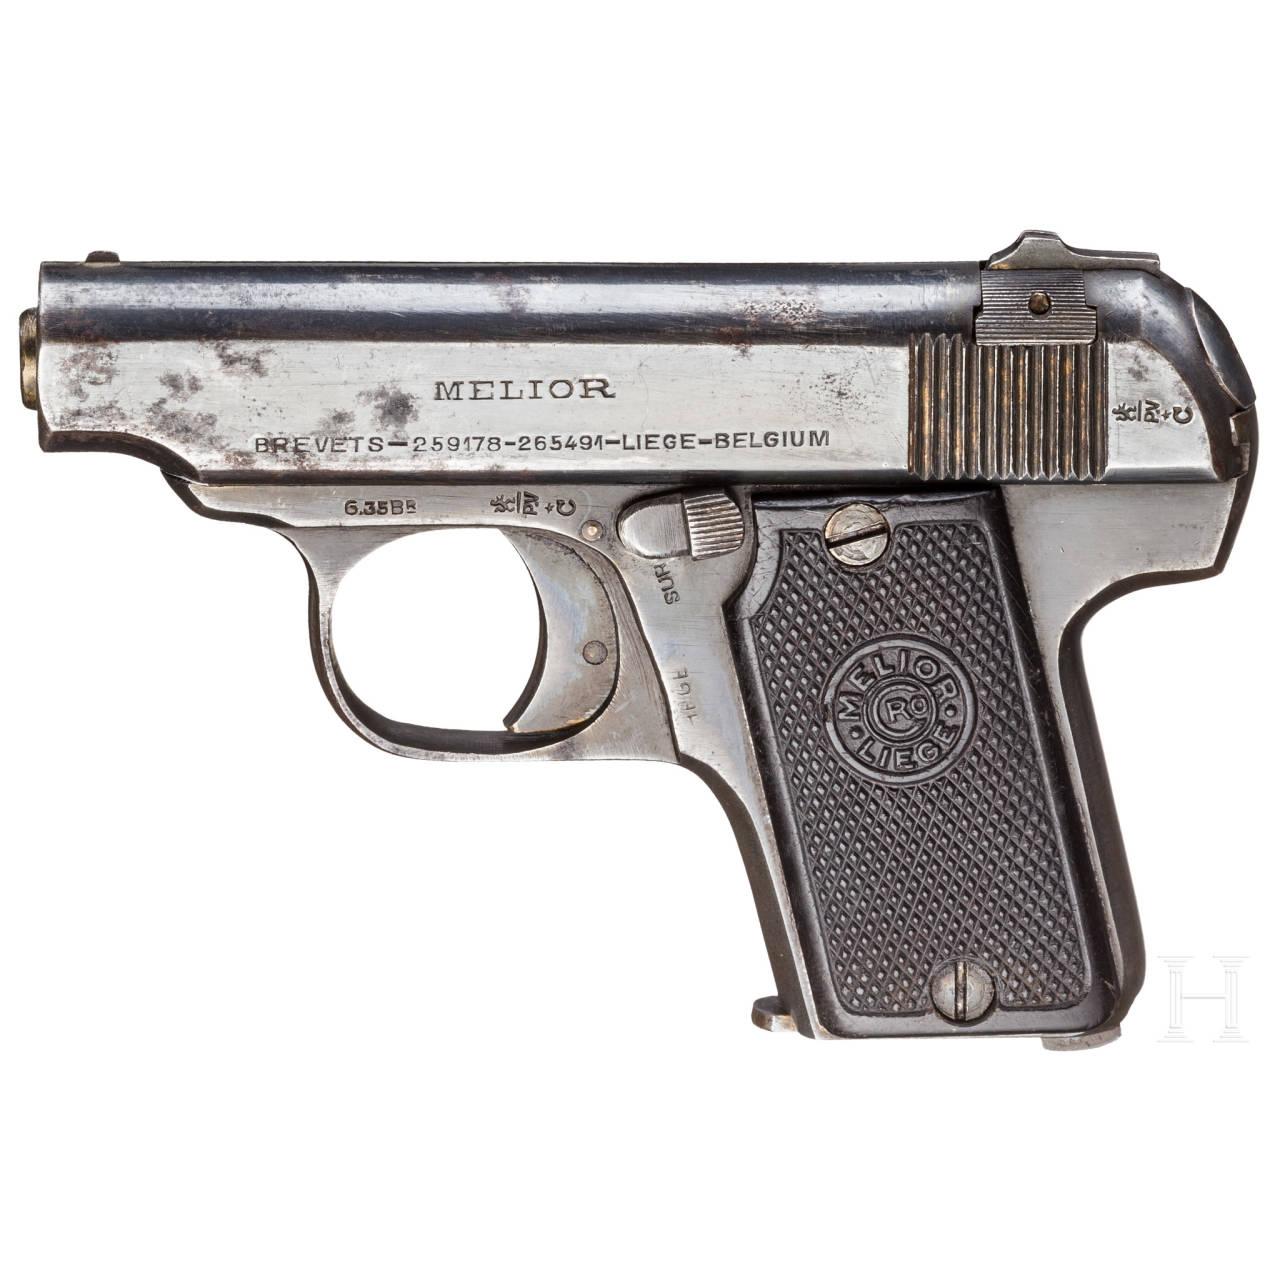 """Melior """"Neues Modell"""", mit Tasche, Offizierswaffe"""